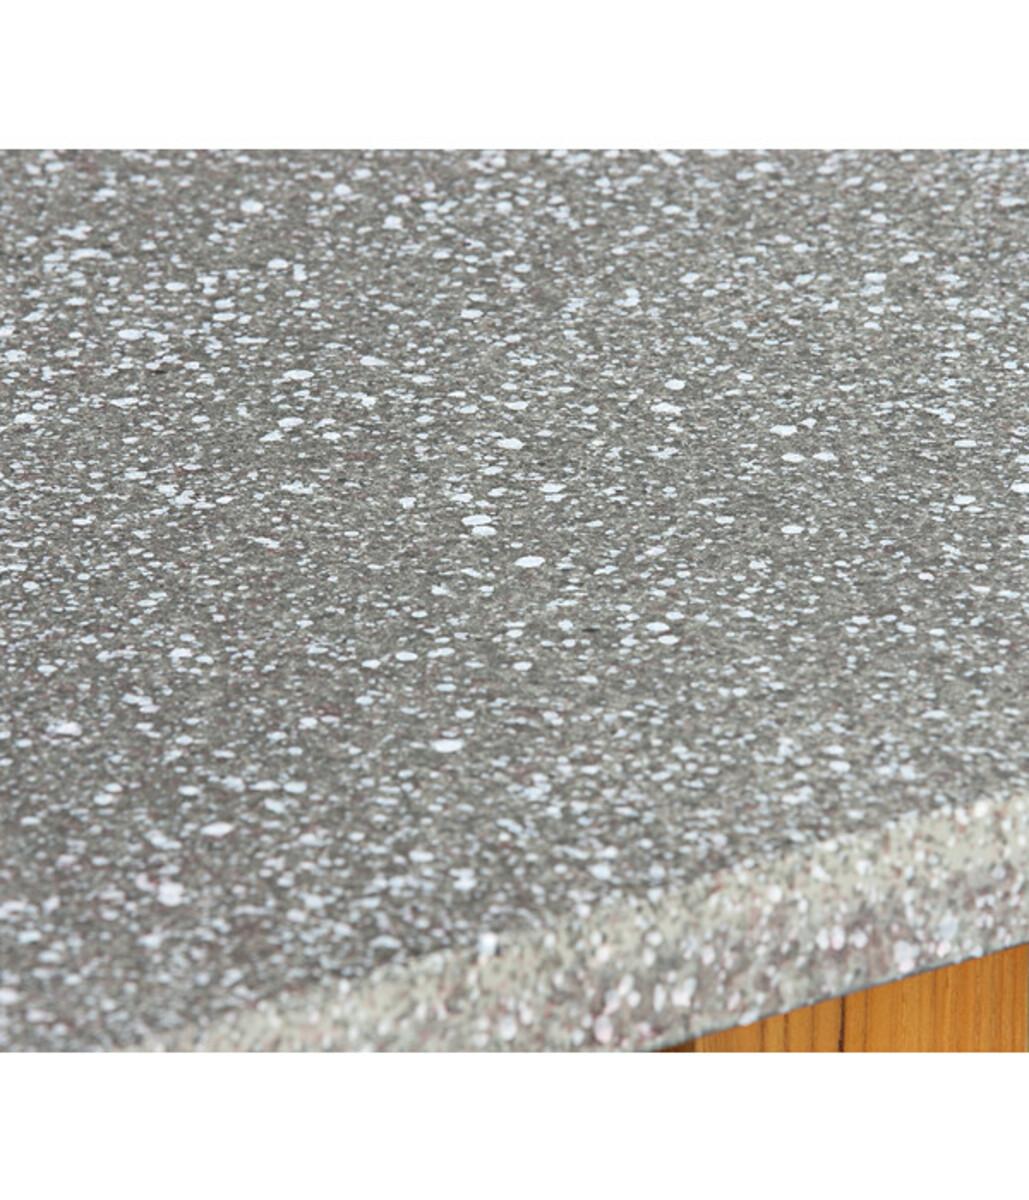 Bild 3 von Fiberzement-Tisch Rocky, 200 x 100 x 74,5 cm